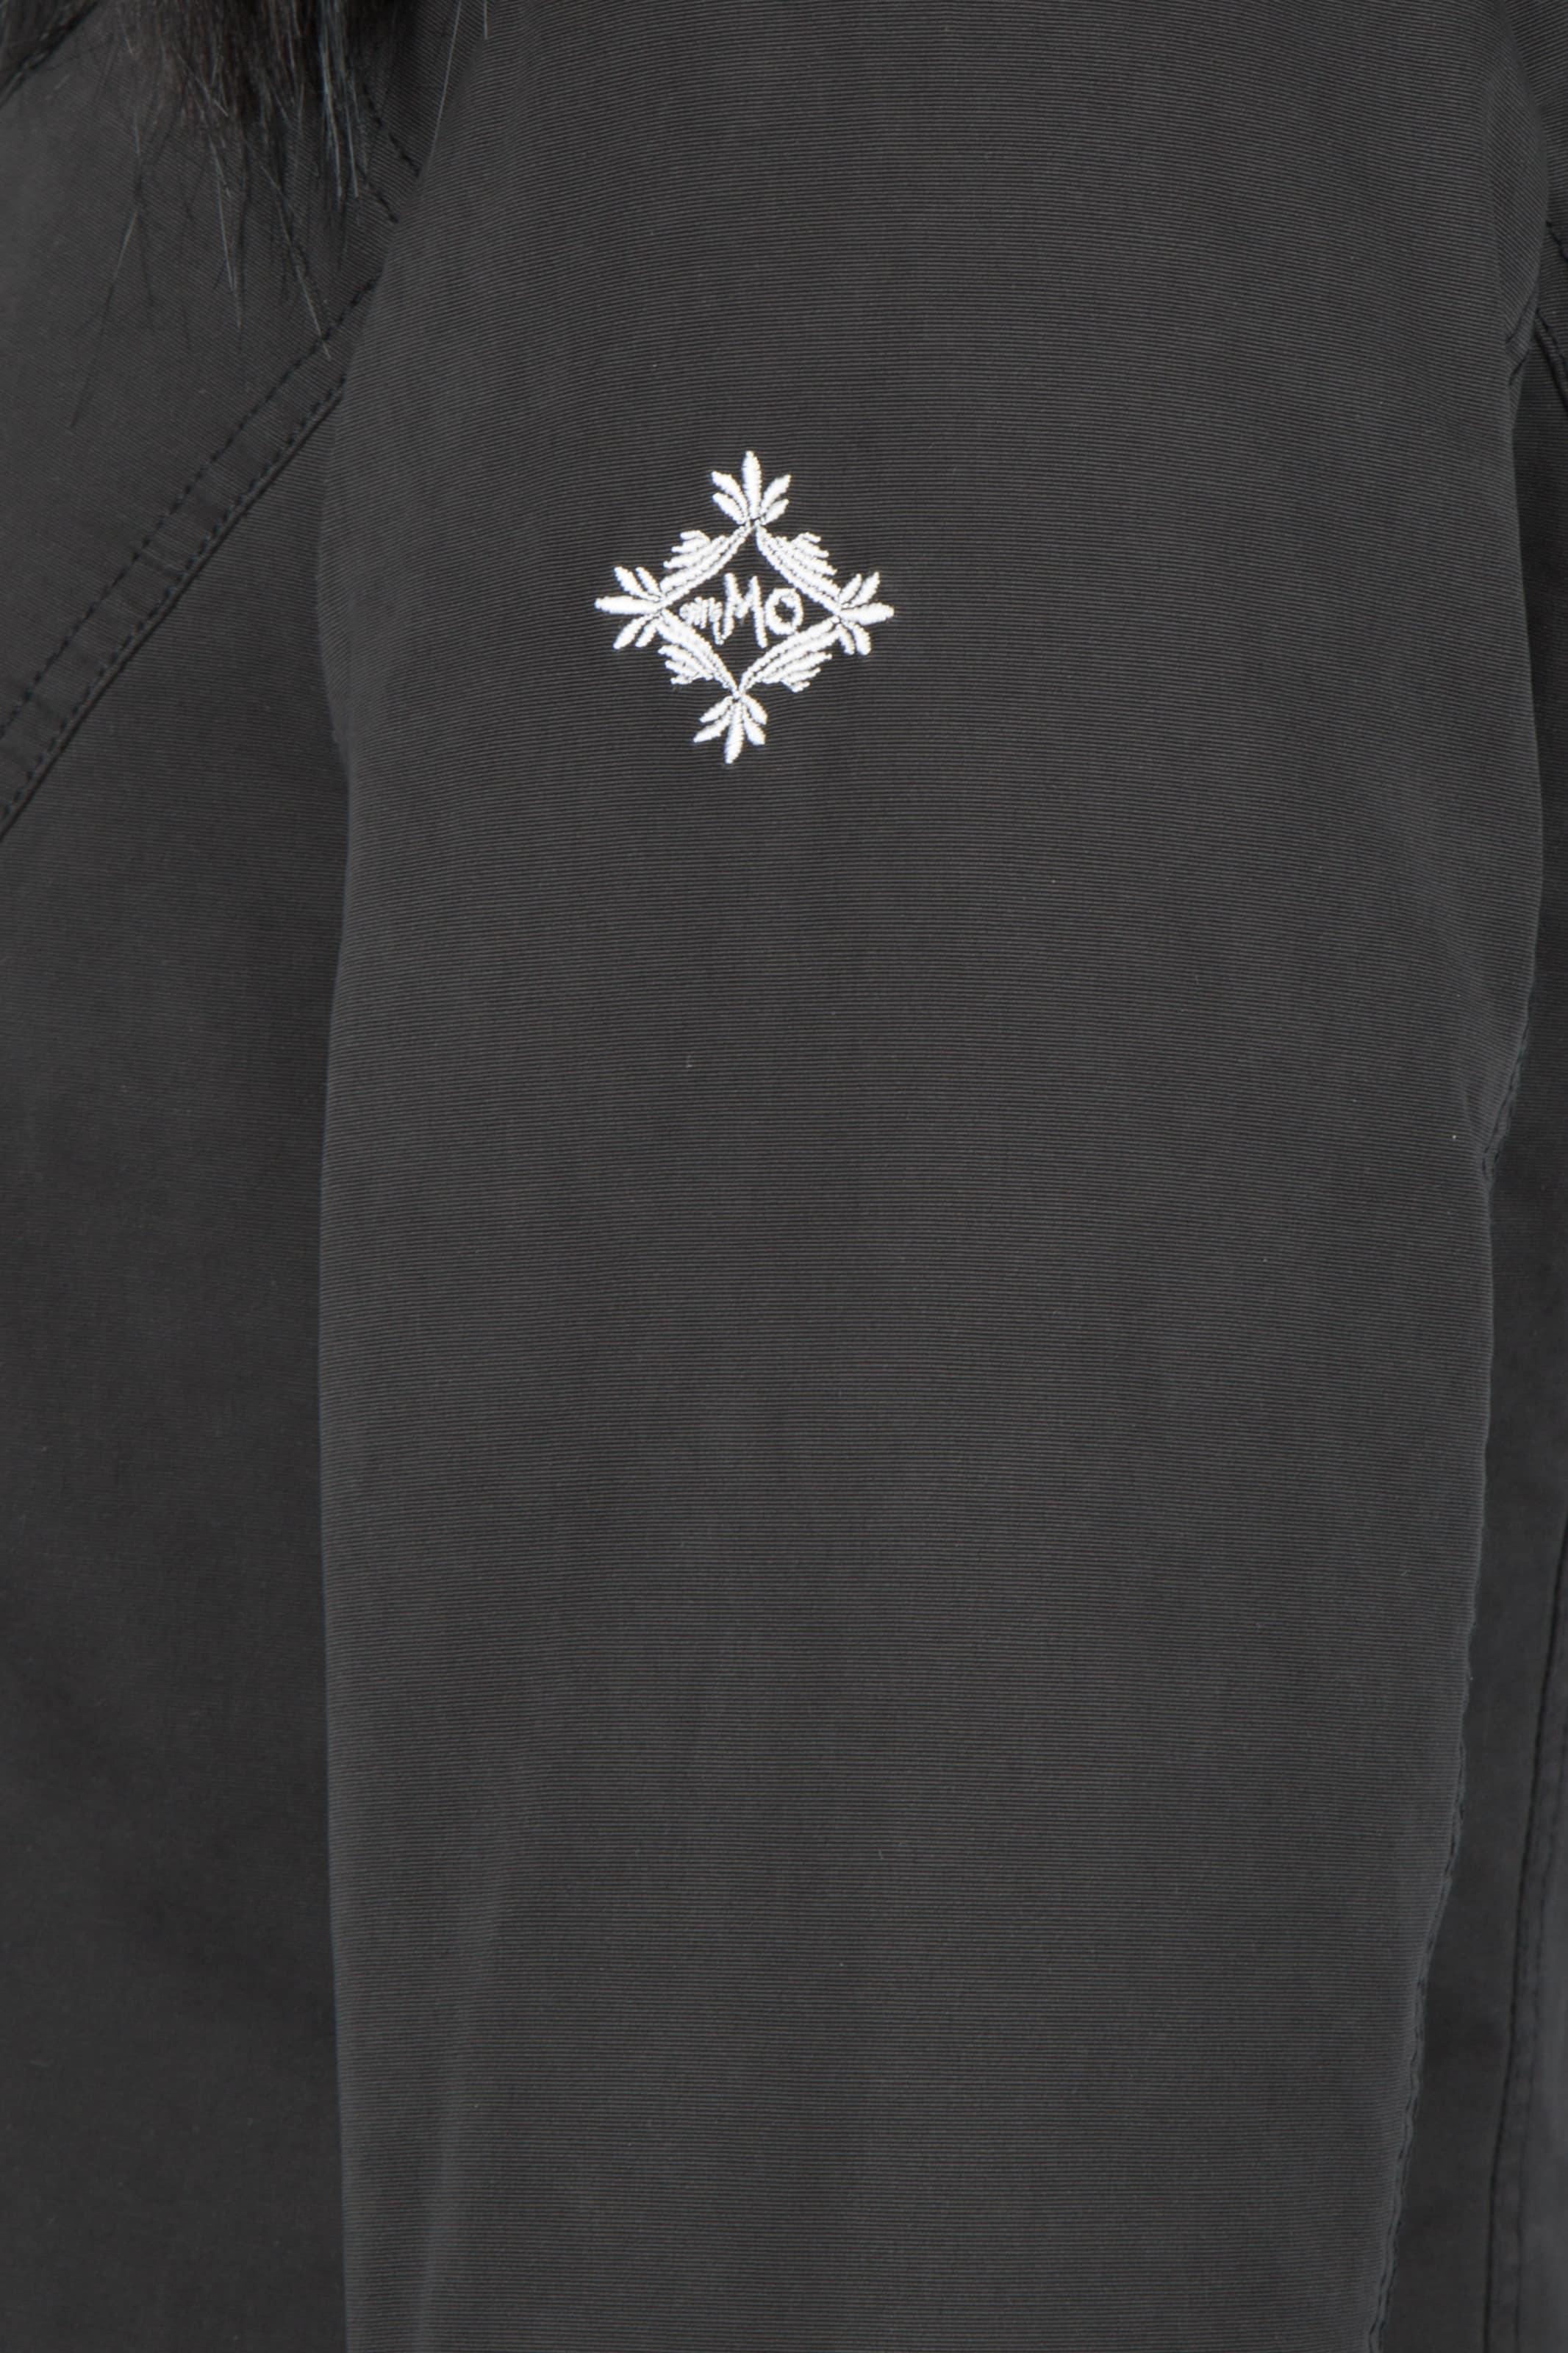 En Noir Manteau Mymo Noir Manteau Mymo En D'hiver D'hiver W2DIE9H